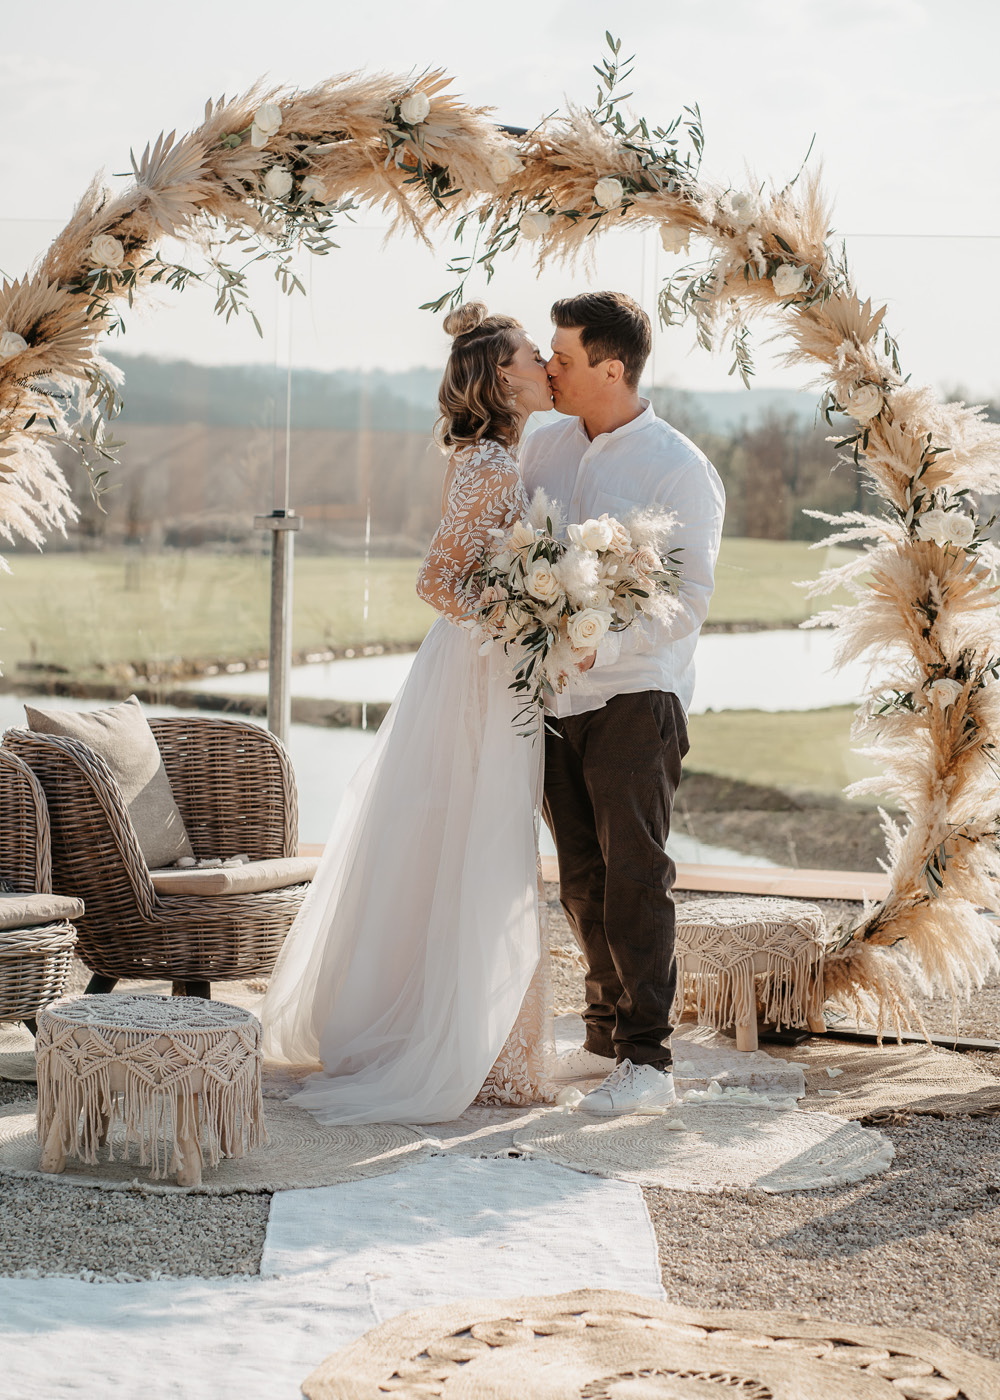 Das Hochzeitspaar, eine Frau mit langem weißen Spitzenkleid und ein Mann mit dunkler Hose und weißem Hemd stehen im Außenbereich der Location und küssen sich unter dem Traubogen bei der Pampasgras Hochzeit.